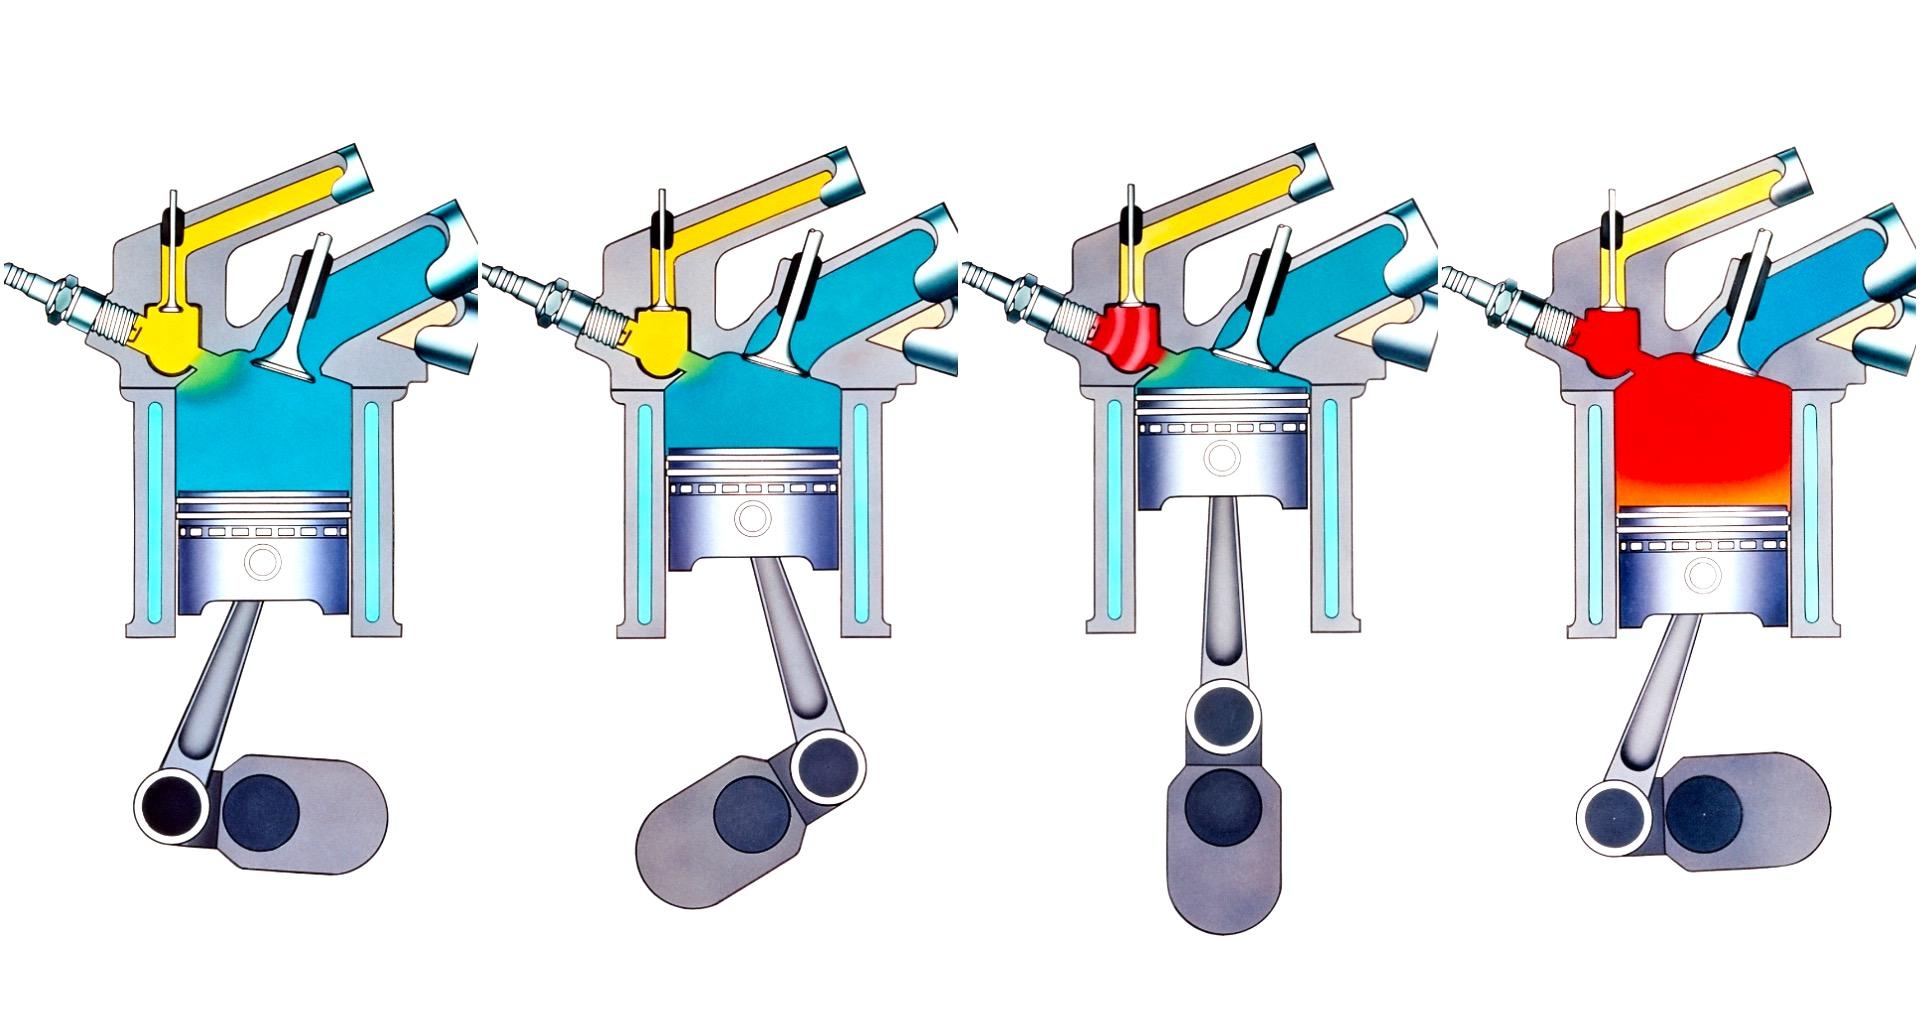 Honda%20CVCC%20cycles_0.jpg